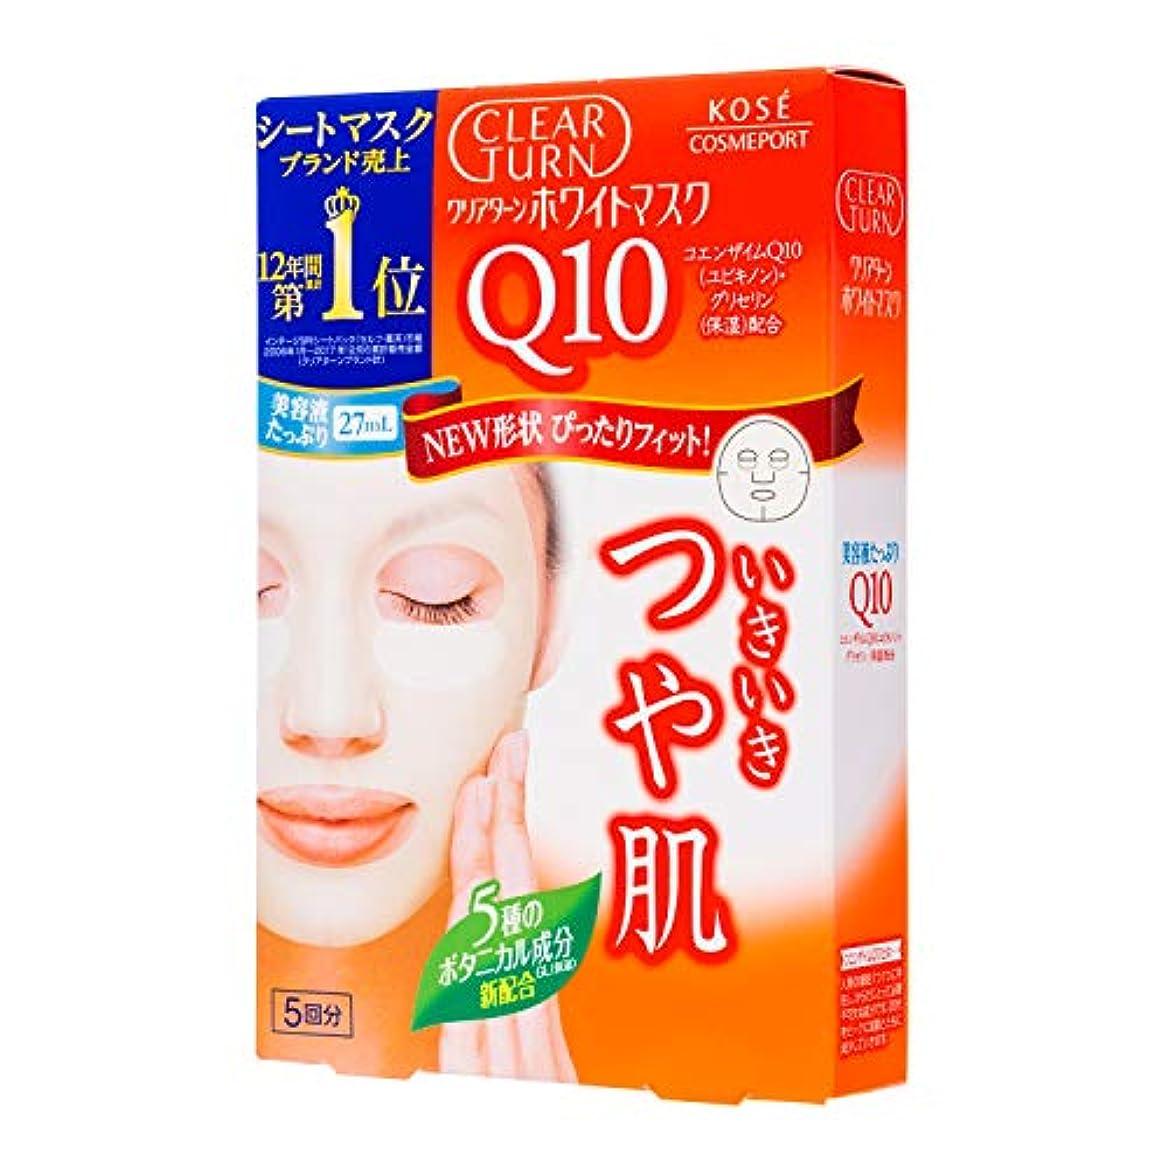 者ショートカット社会クリアターン ホワイト マスク Q10 c (コエンザイムQ10) 5回分